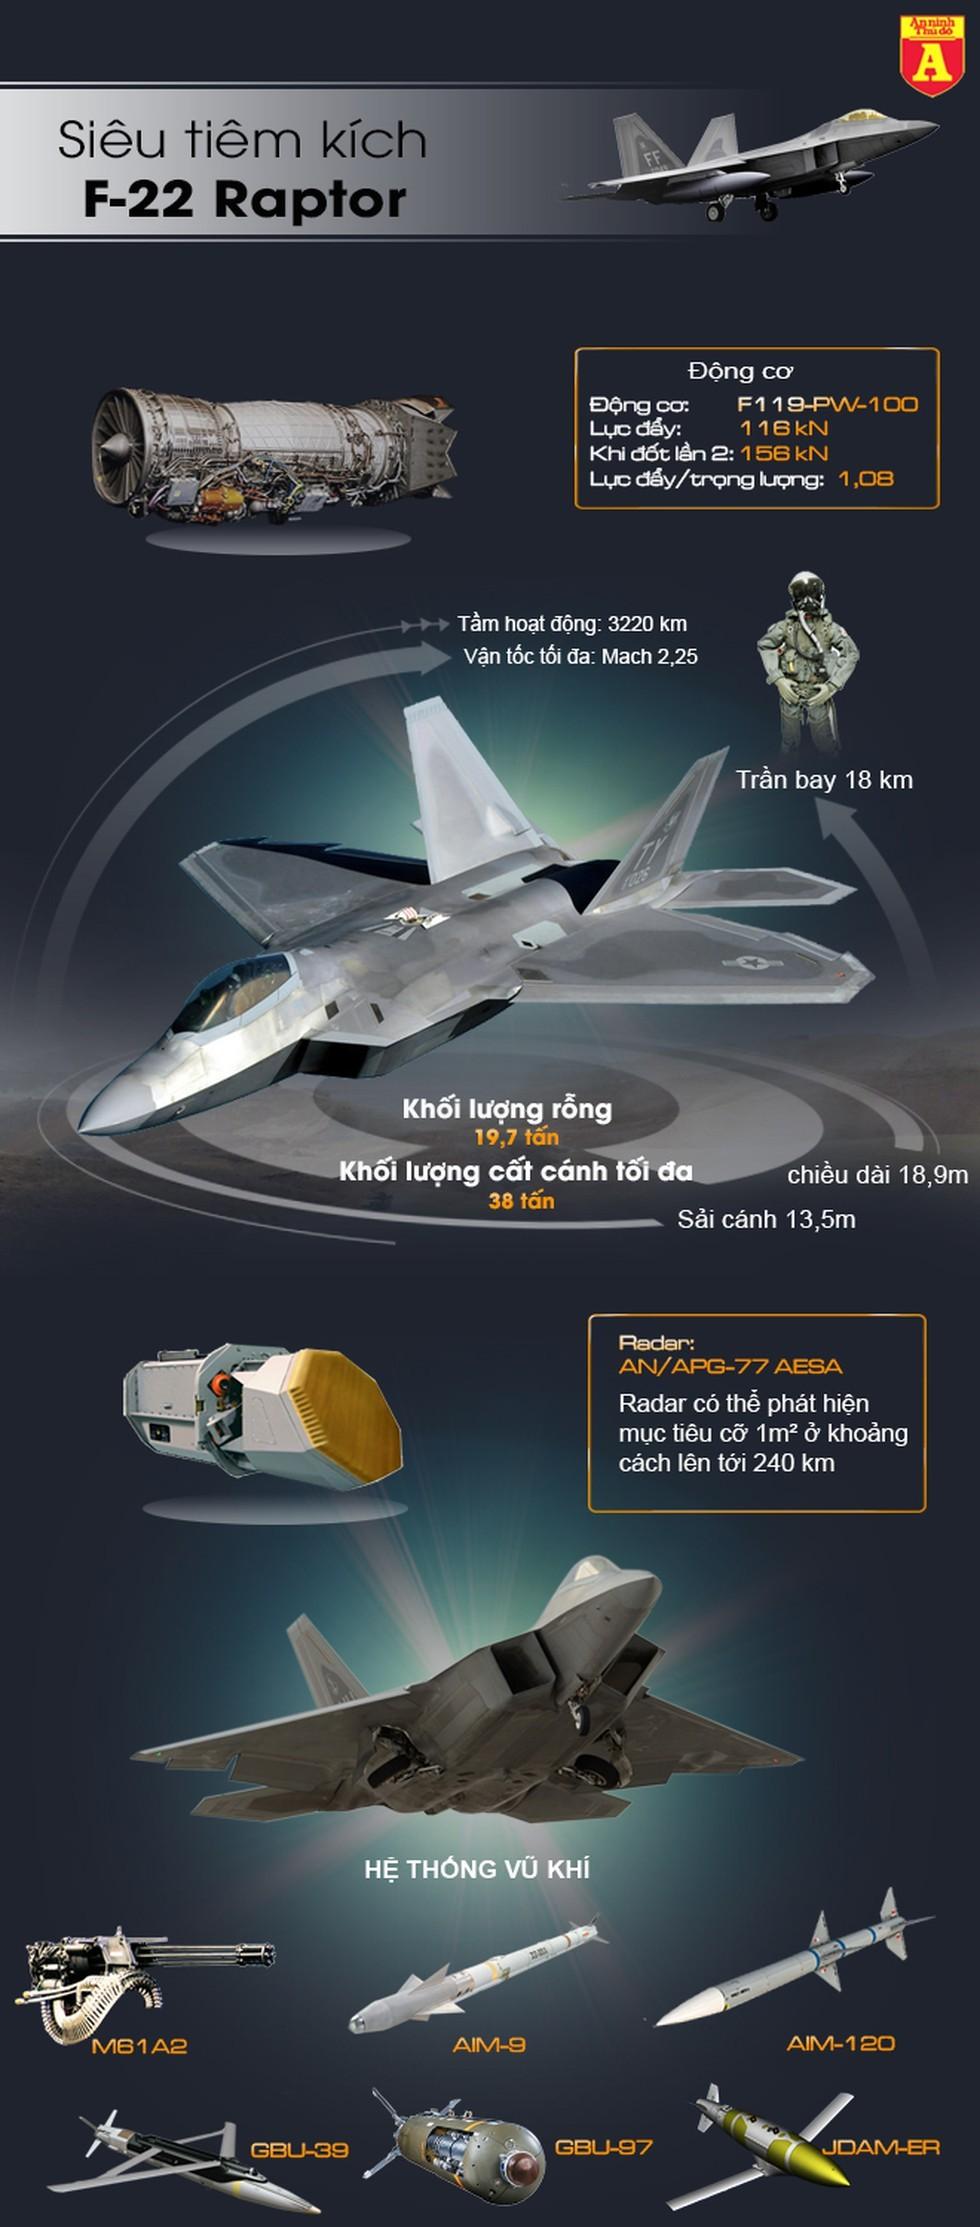 [Info] Để F-22 Raptor tấn công được mục tiêu mặt đất, Mỹ vừa tốn mất gần 7 tỷ USD ảnh 2